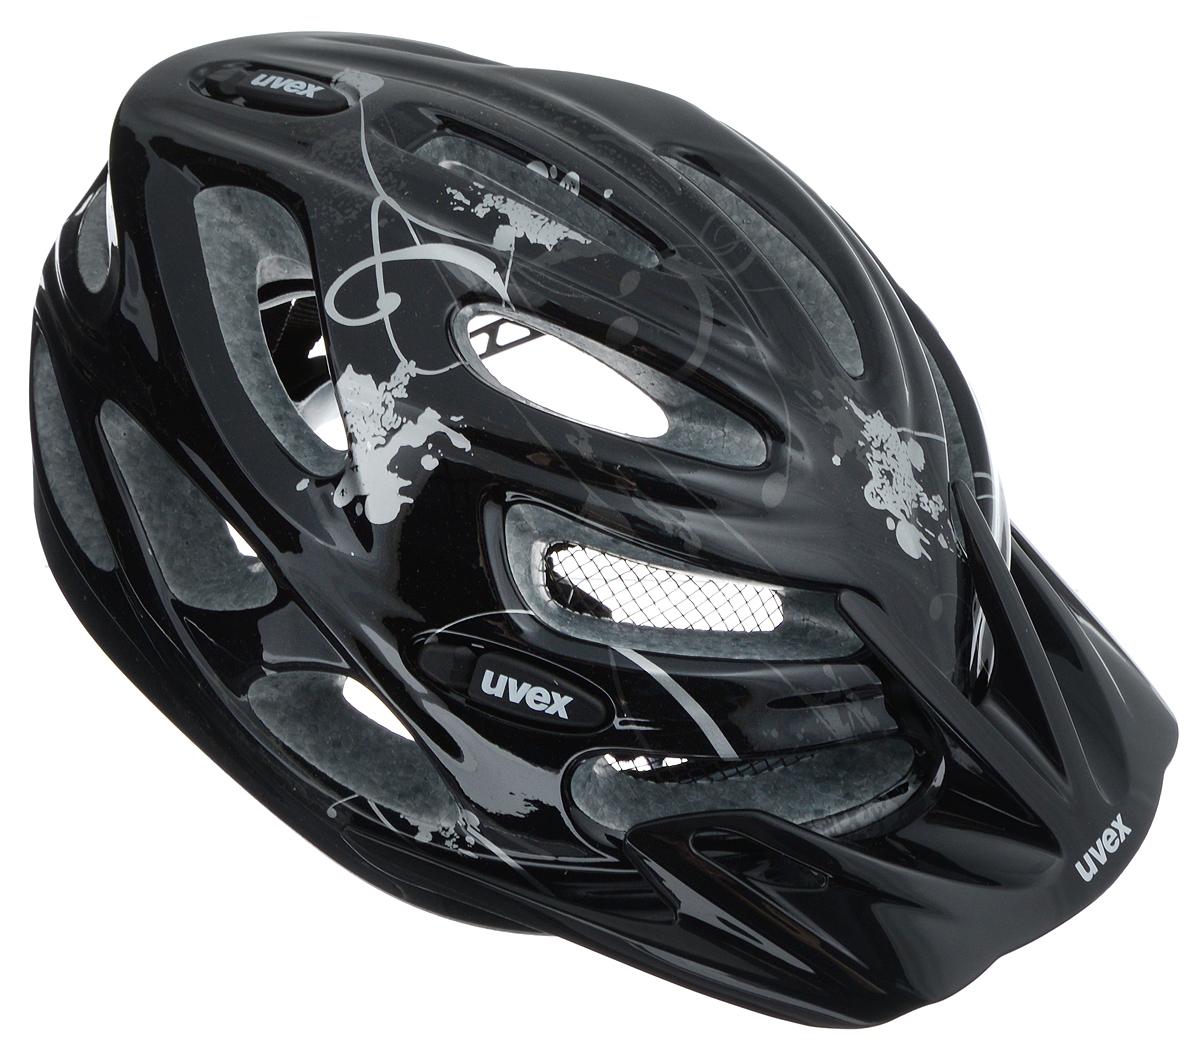 Шлем летний Uvex Onyx, цвет: черный, серебристый. Размер XXS-S4543.2515Шлем Uvex Onyx конструкции Inmould предназначен исключительно для езды на велосипеде и катания на роликовых коньках или скейтборде. Шлем снабжен универсальным внутренним настроечным кольцом, застежками на липучках, регулируемыми текстильными ремешками и вентиляционными отверстиями. Увеличенное количество вентиляционных отверстий гарантирует отличную циркуляцию воздуха на разных скоростях движения при сохранении жесткости. Подстежка изготовлена из пенополистирола. Ее роль заключается в рассеивании энергии при ударе, что защищает голову. Верхняя часть шлема, выполненная из прочного пластика, препятствует разрушению изделия, защищает шлем от прокола и позволять ему скользить при ударах. Способность шлема скользить по поверхности является важной его характеристикой, так как при падении движение уменьшается не сразу, а постепенно, снижая тем самым нагрузку на голову и шею. Надежный шлем с ярким дизайном обеспечит высокую степень защиты вашего ребенка. А 17 вентиляционных отверстий сделают катание максимально комфортным.